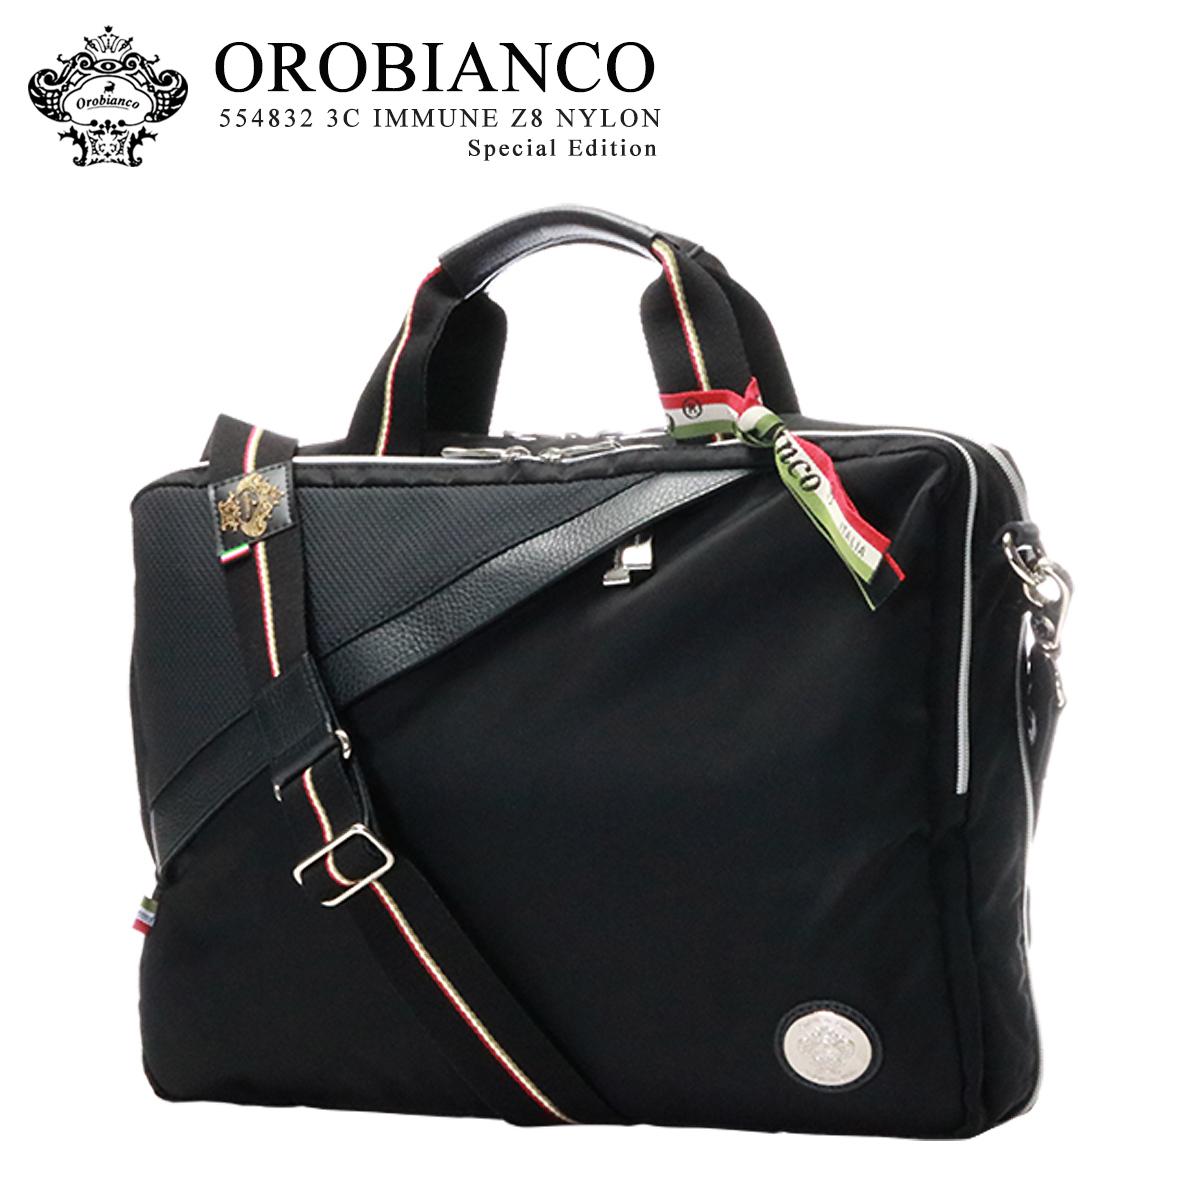 オロビアンコ ブリーフケース IMMUNE-Z8 02 554832 | OROBIANCO ショルダーバッグ ビジネスバッグ メンズ 【PO10】